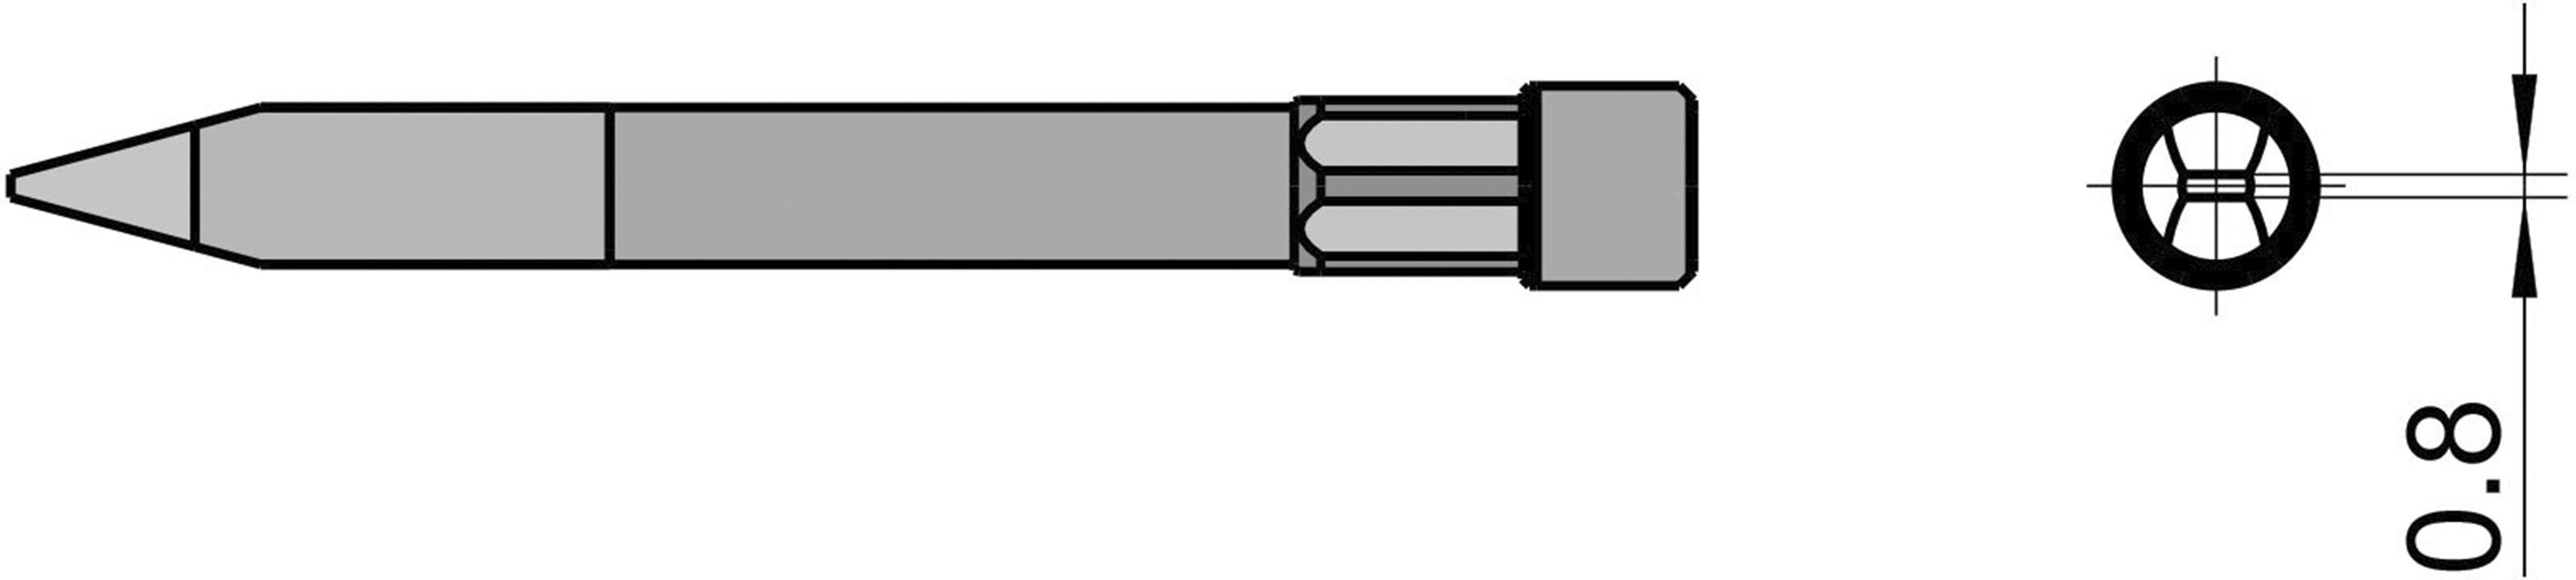 Pájecí hrot dlátový Weller Professional T0054490599, velikost hrotu 0.8 mm, délka hrotu 59 mm, 1 ks